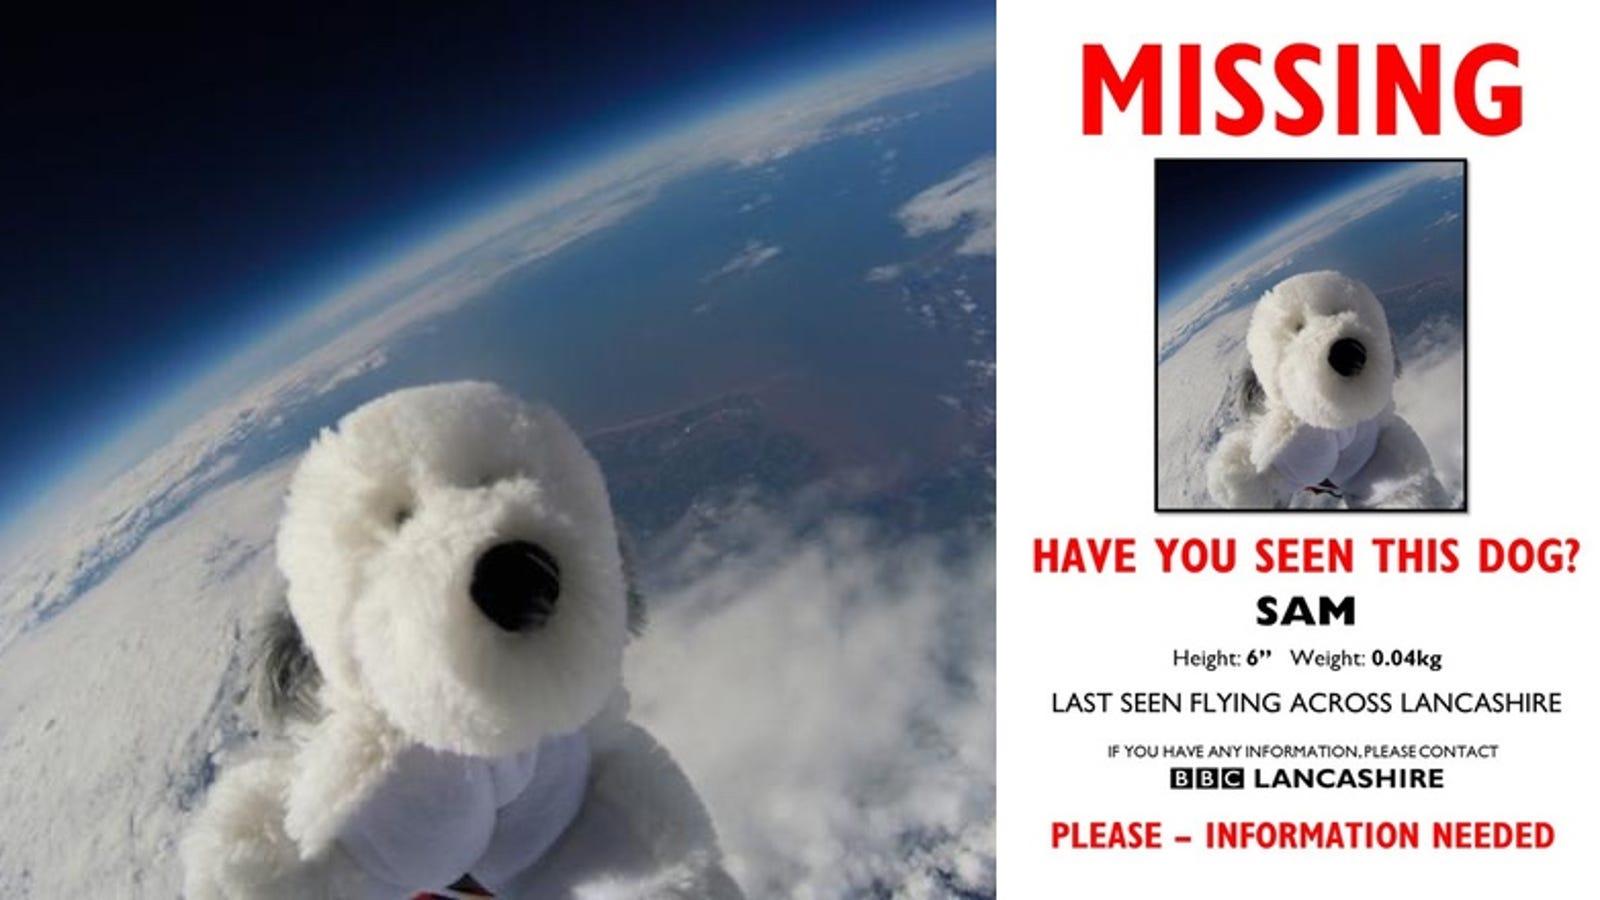 El perro de peluche perdido en el espacio que ha desatado una búsqueda frenética en Inglaterra